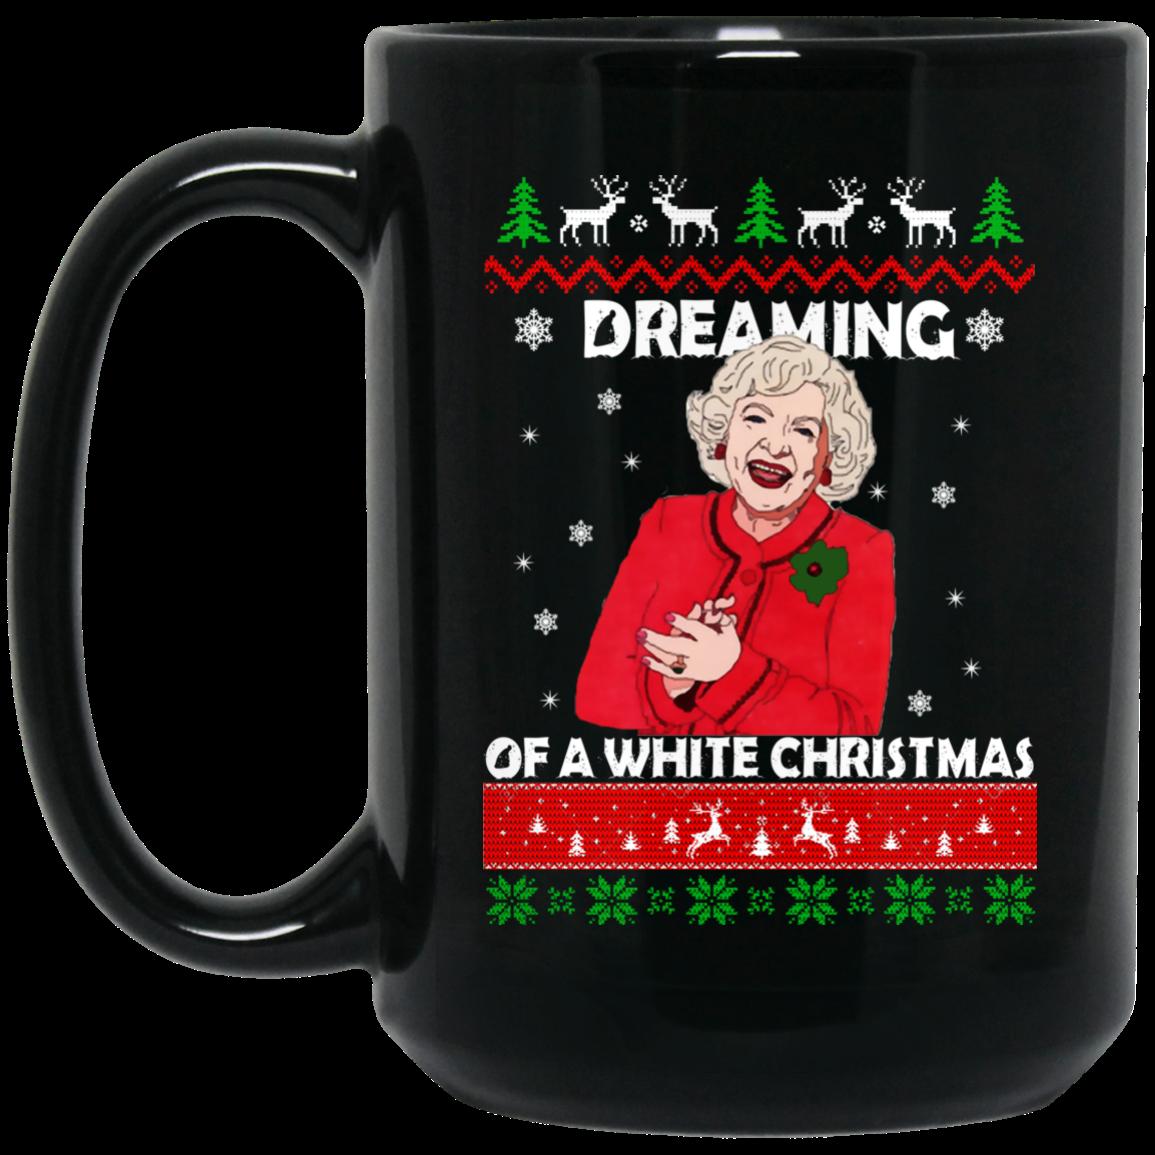 image 25 - Dreaming of a white Christmas mug